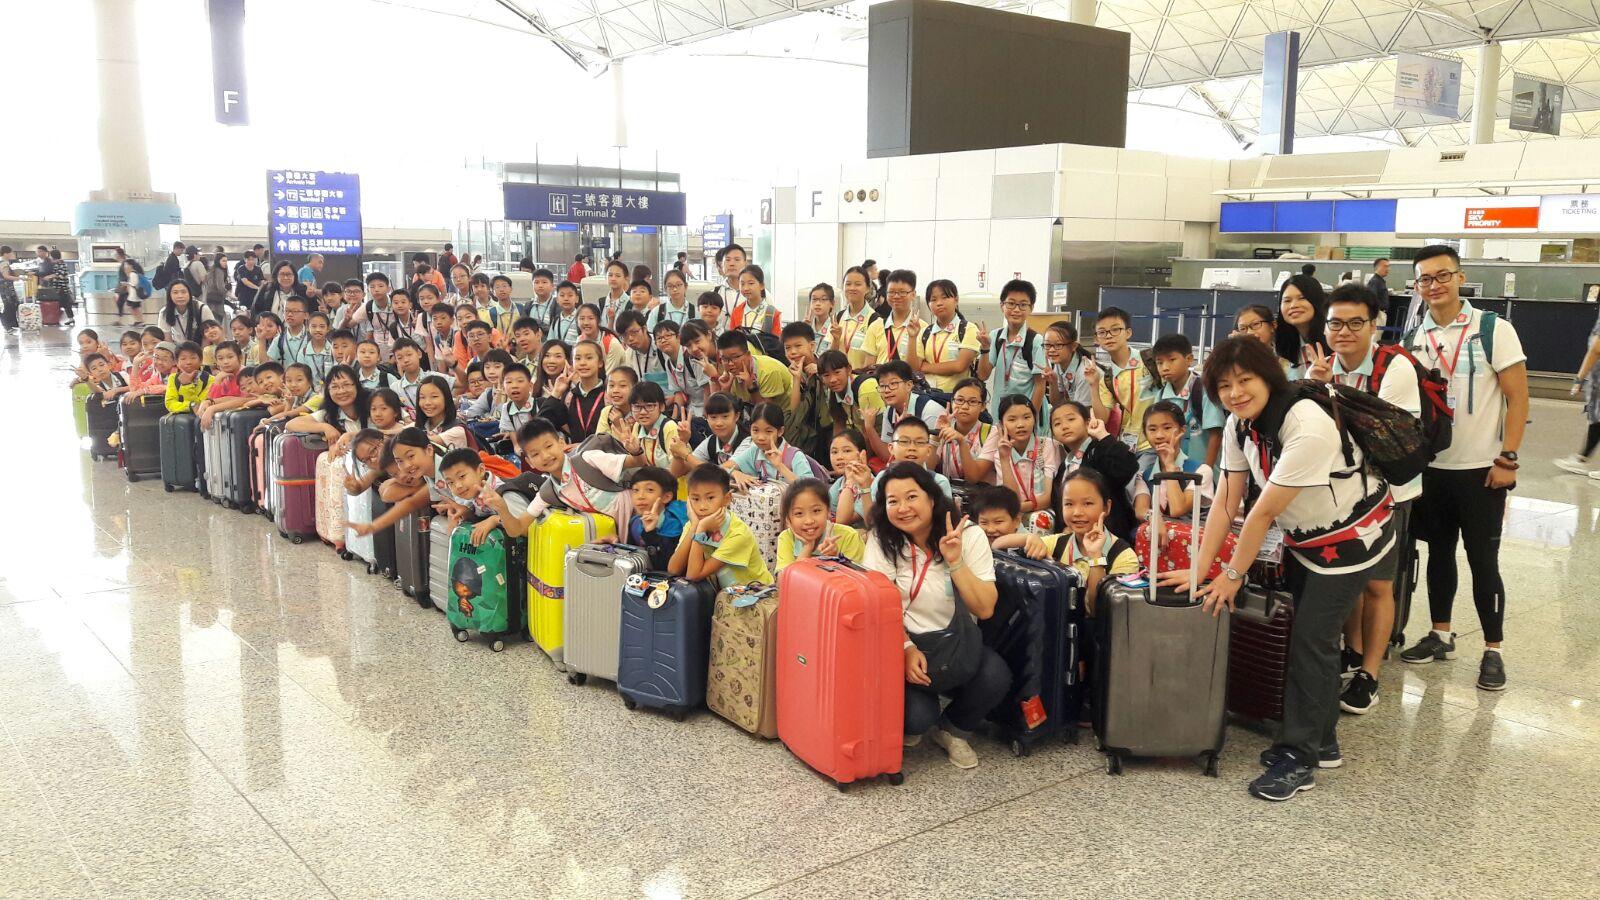 曾梅千禧學校連同李志達紀念學校一行近90人出發前往成都